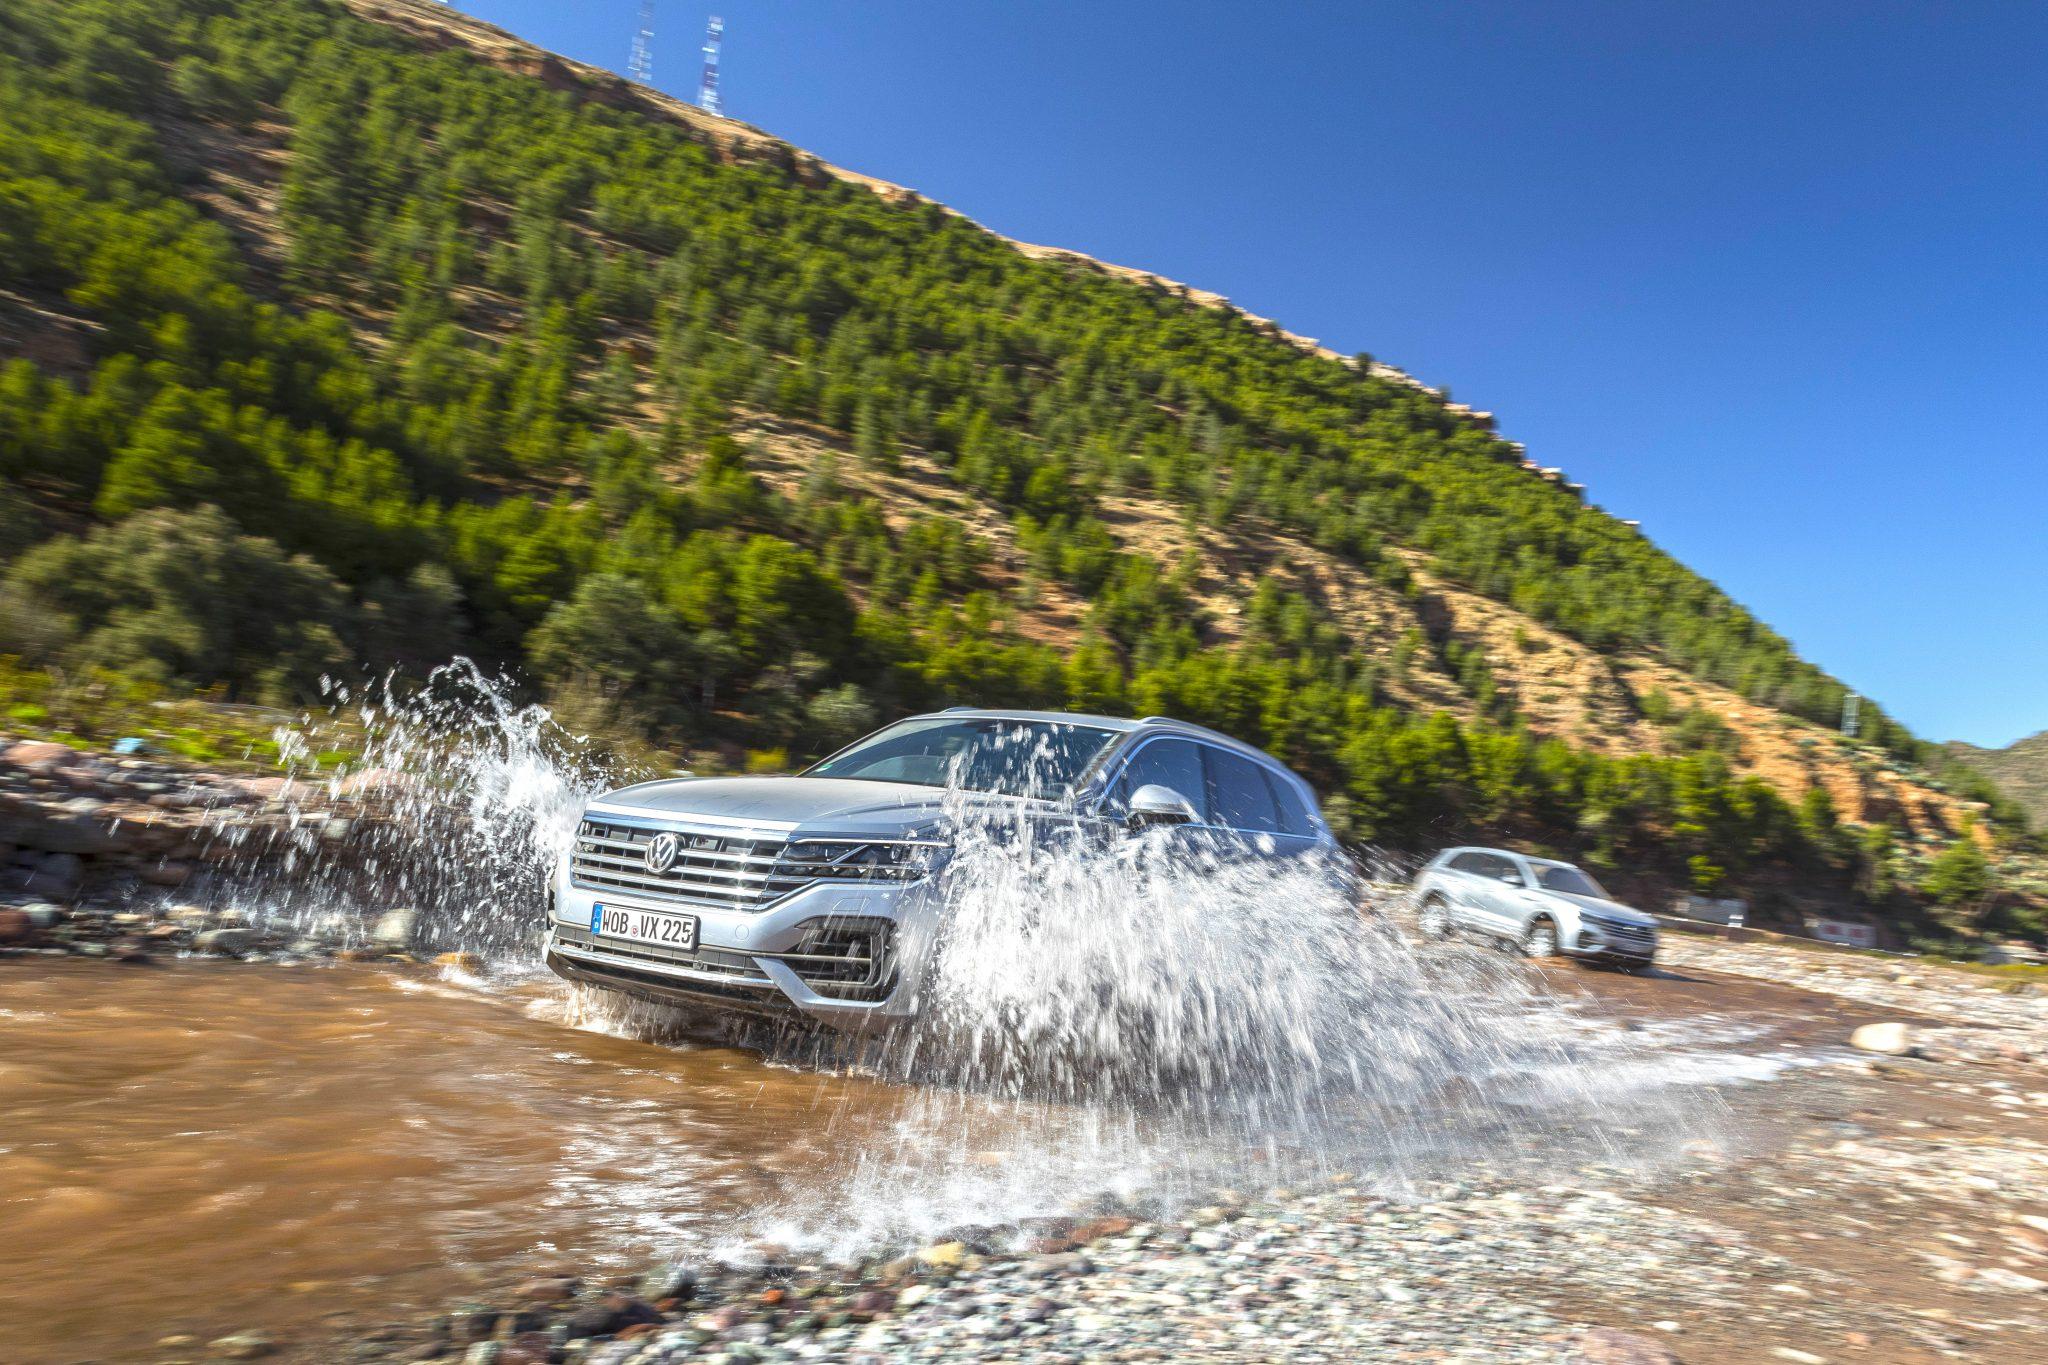 Volkswagen Touareg door de rivier